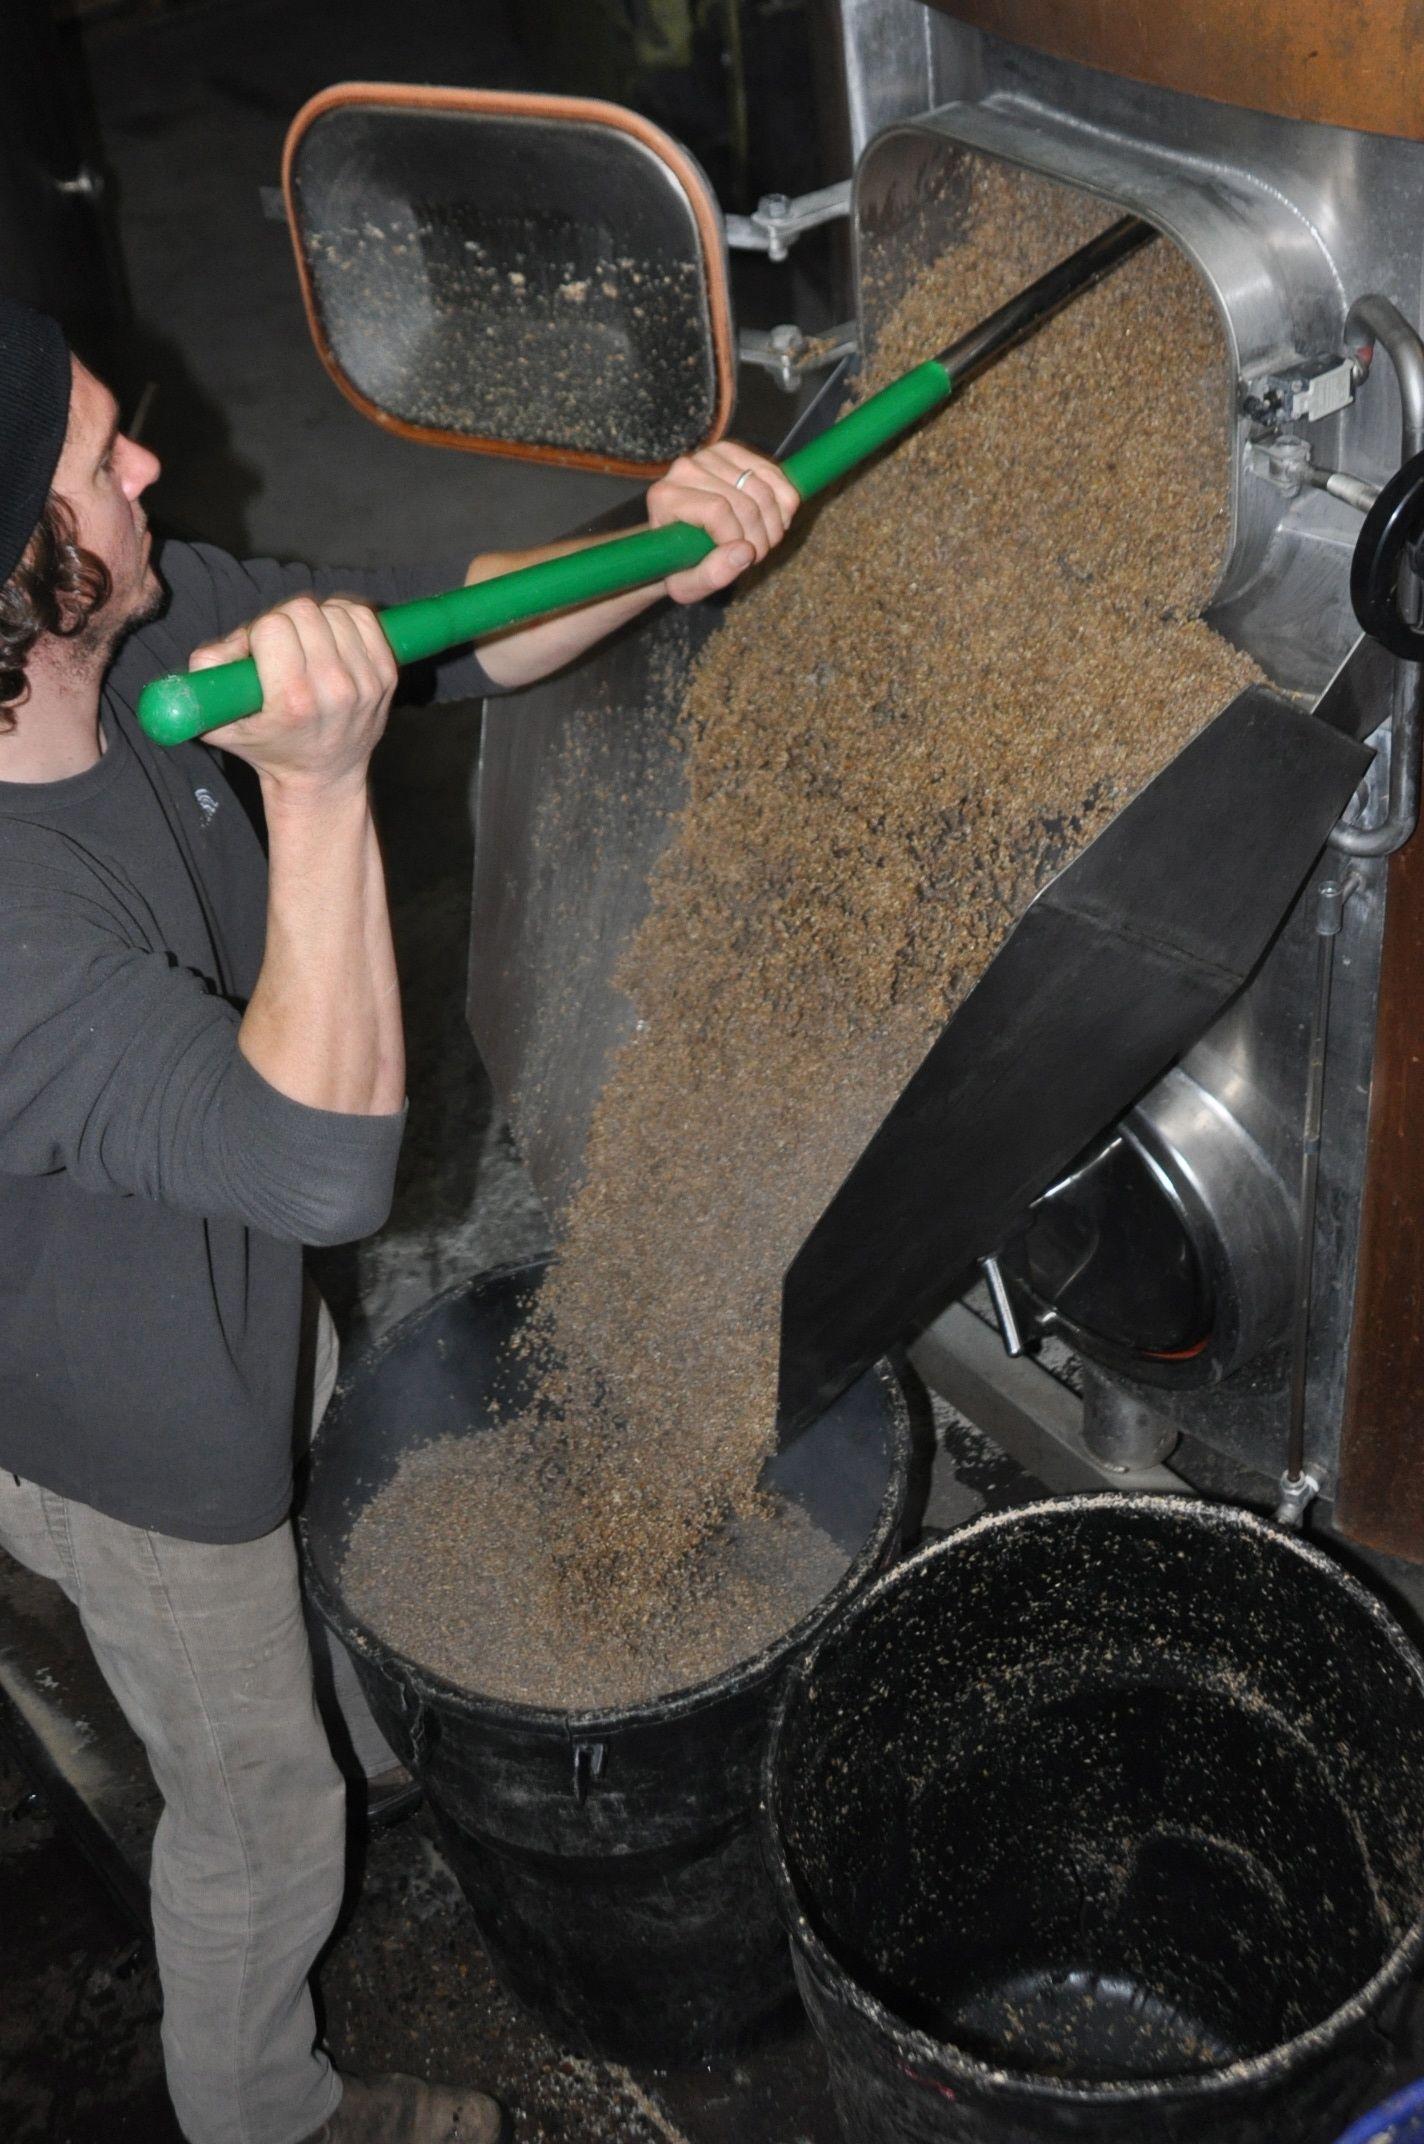 composting_brewery_waste_harriet_brewery_minneapolis.jpg